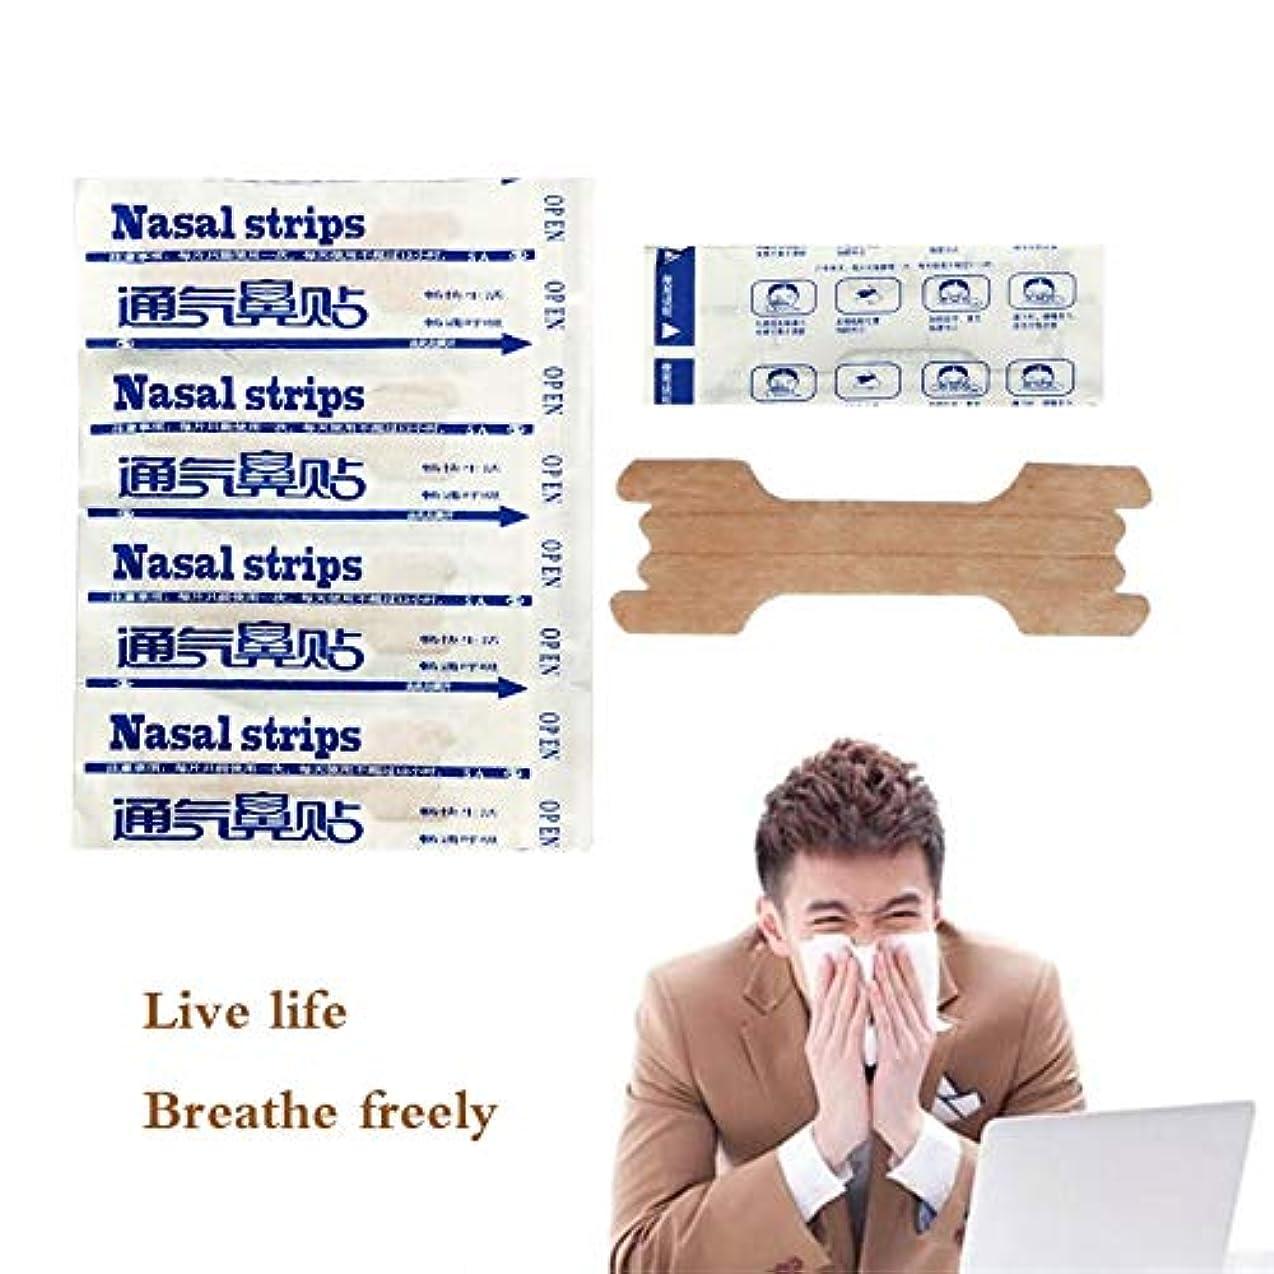 散文歪めるカプセルNOTE 50個の呼吸の良い鼻のストリップ正しいいびきを防止する正しい方法鼻のストリップ簡単な呼吸のヘルスケア